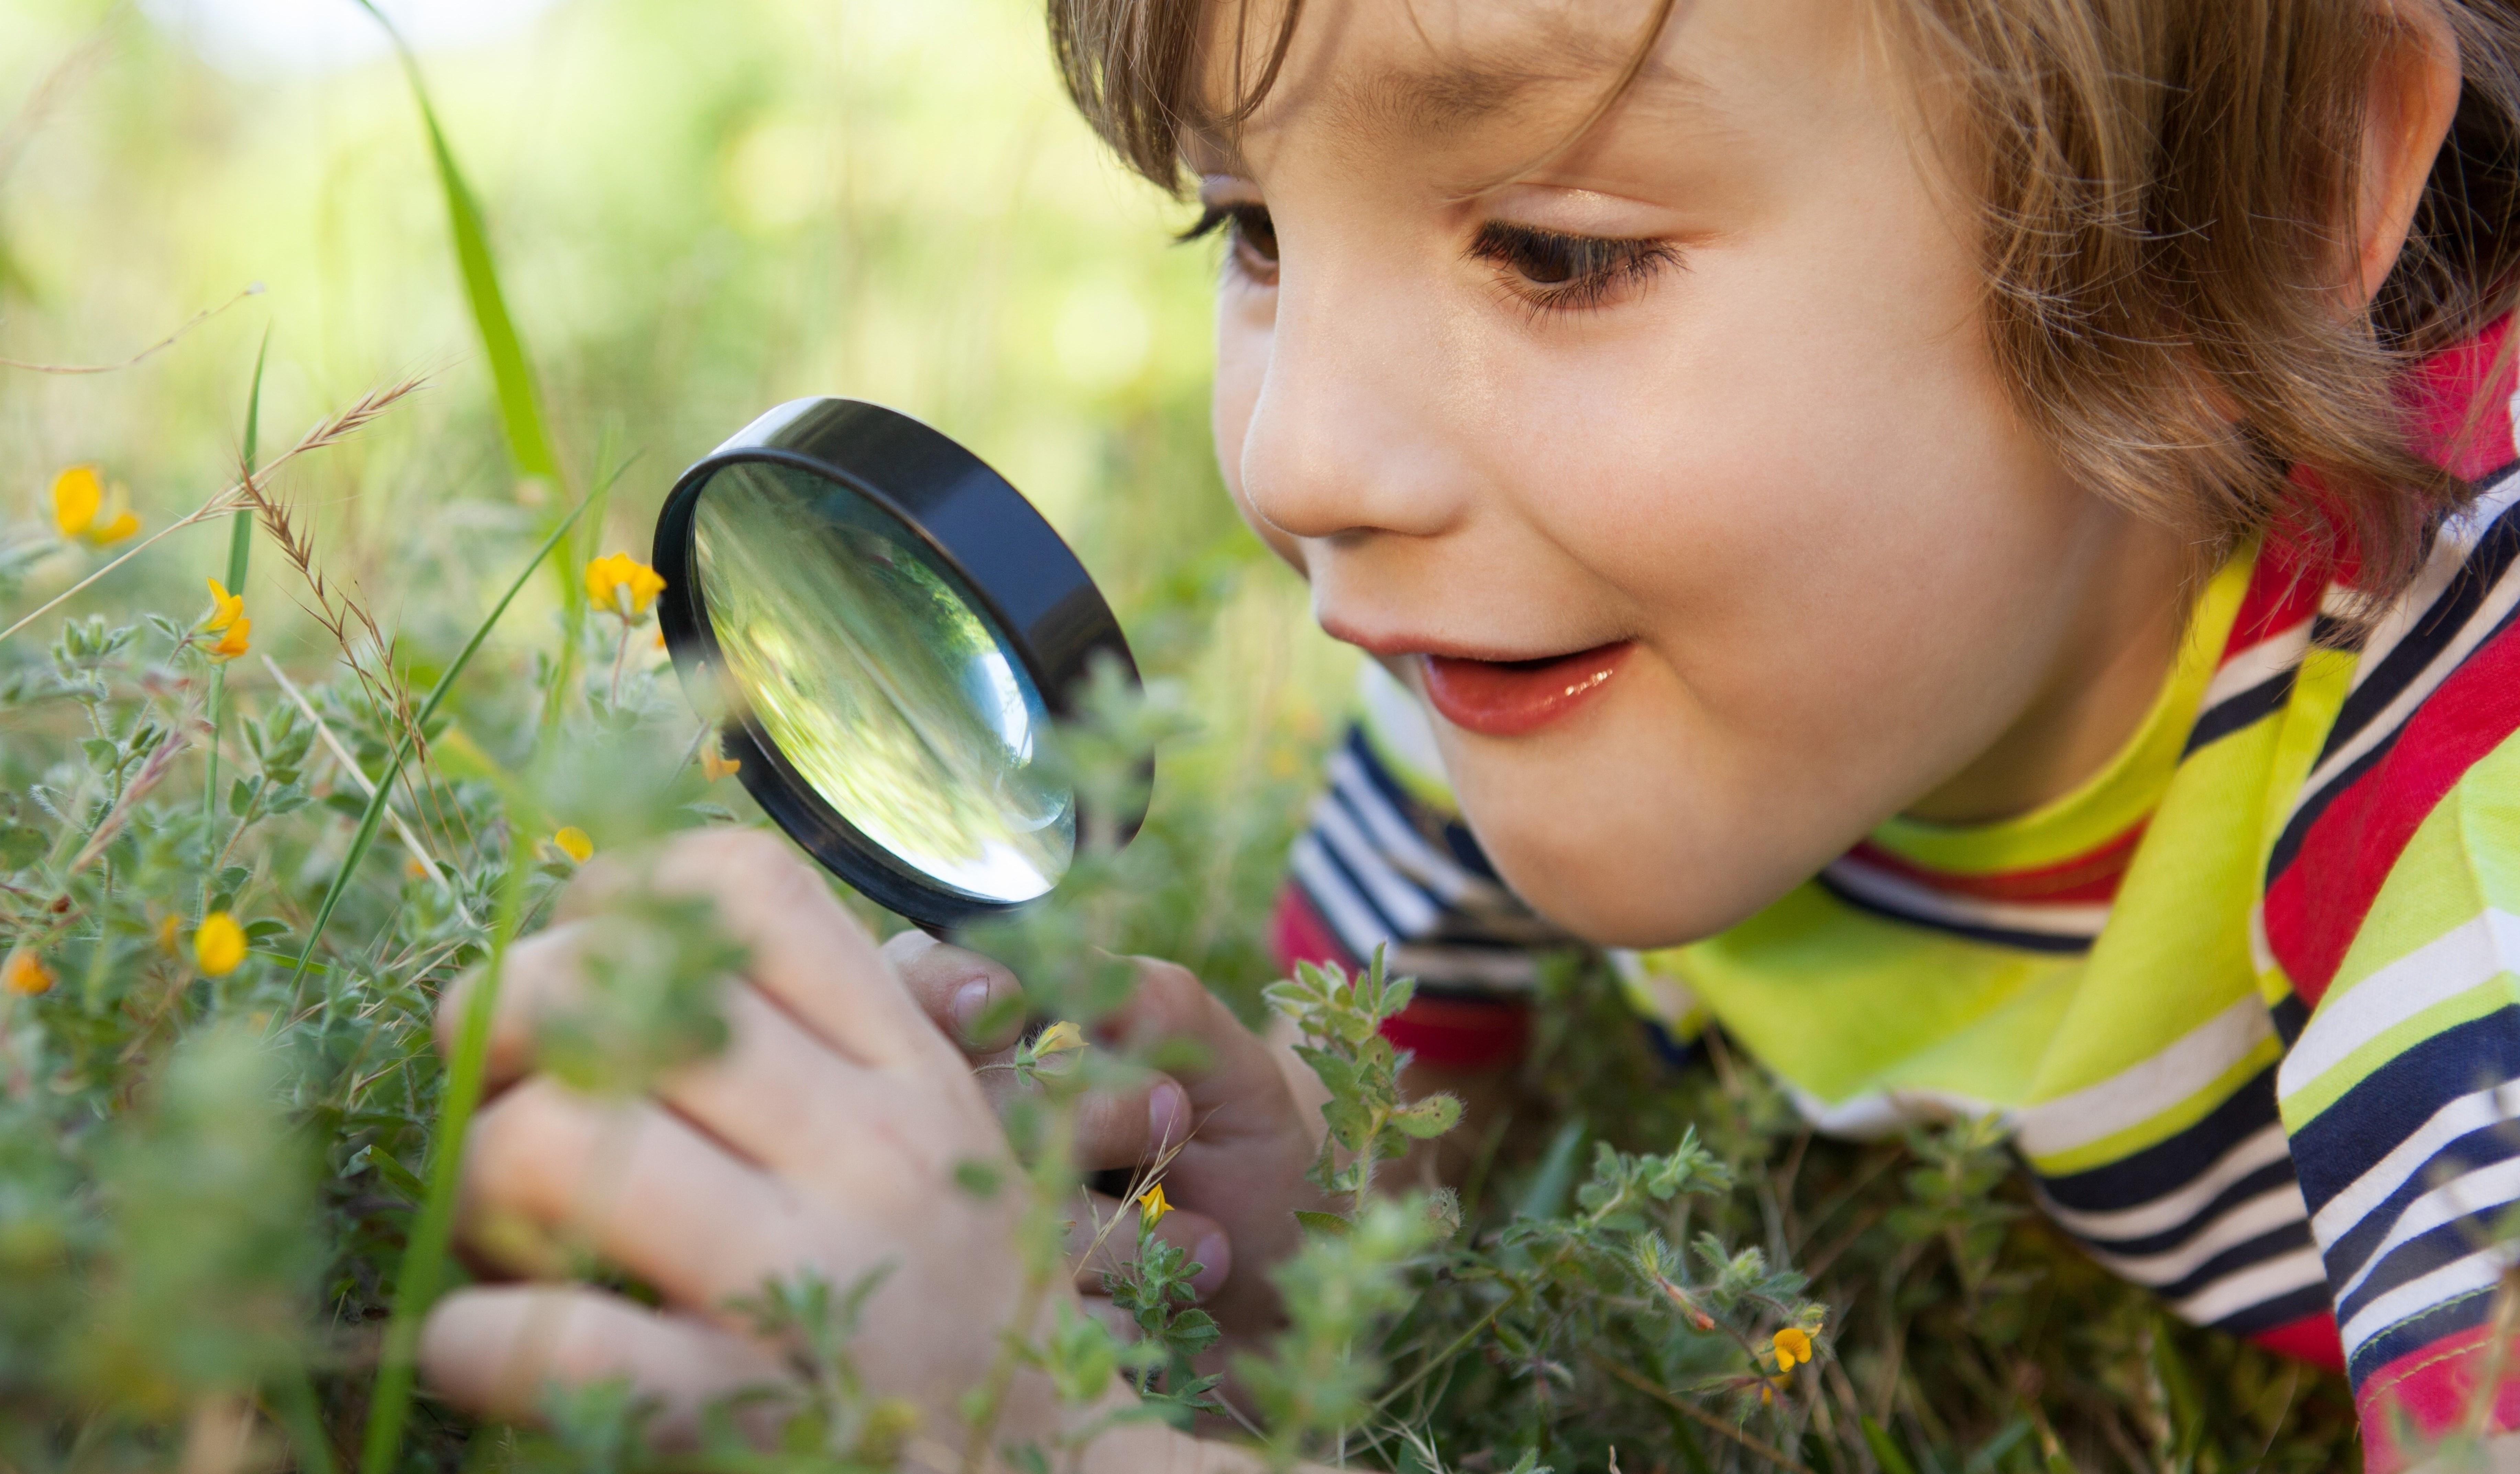 10 супер-способов развить творческое мышление у ребенка (они правда работают)